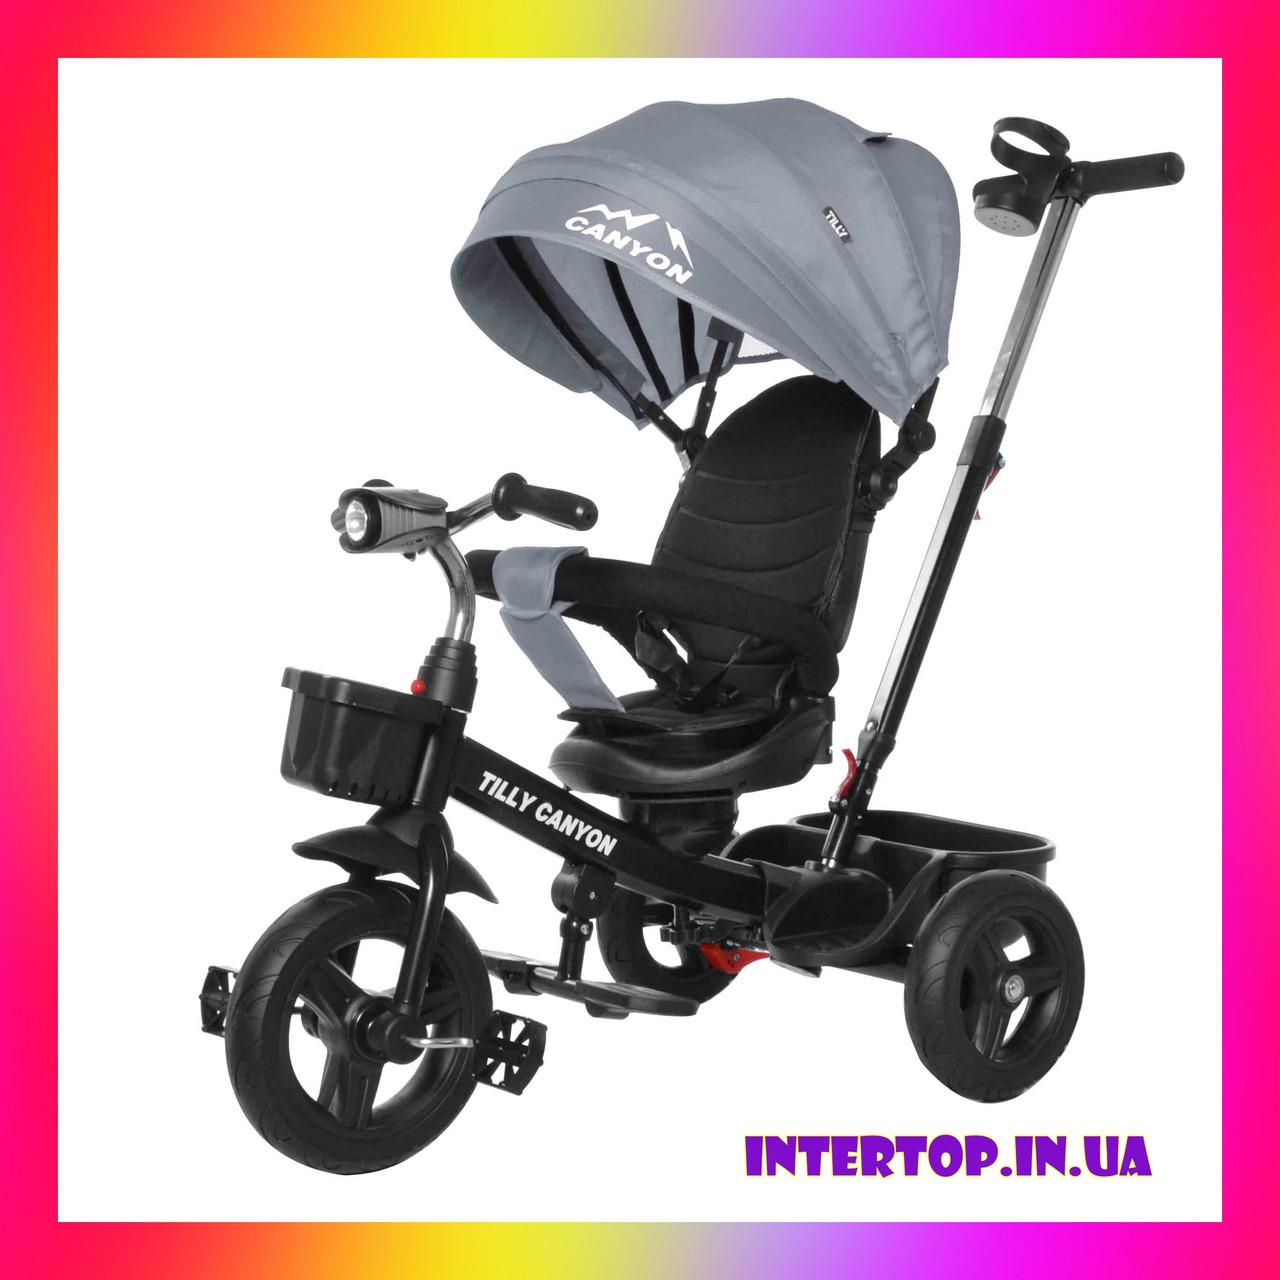 Детский трехколесный велосипед - коляска Велосипед трехколесный TILLY CANYON T-384 серый